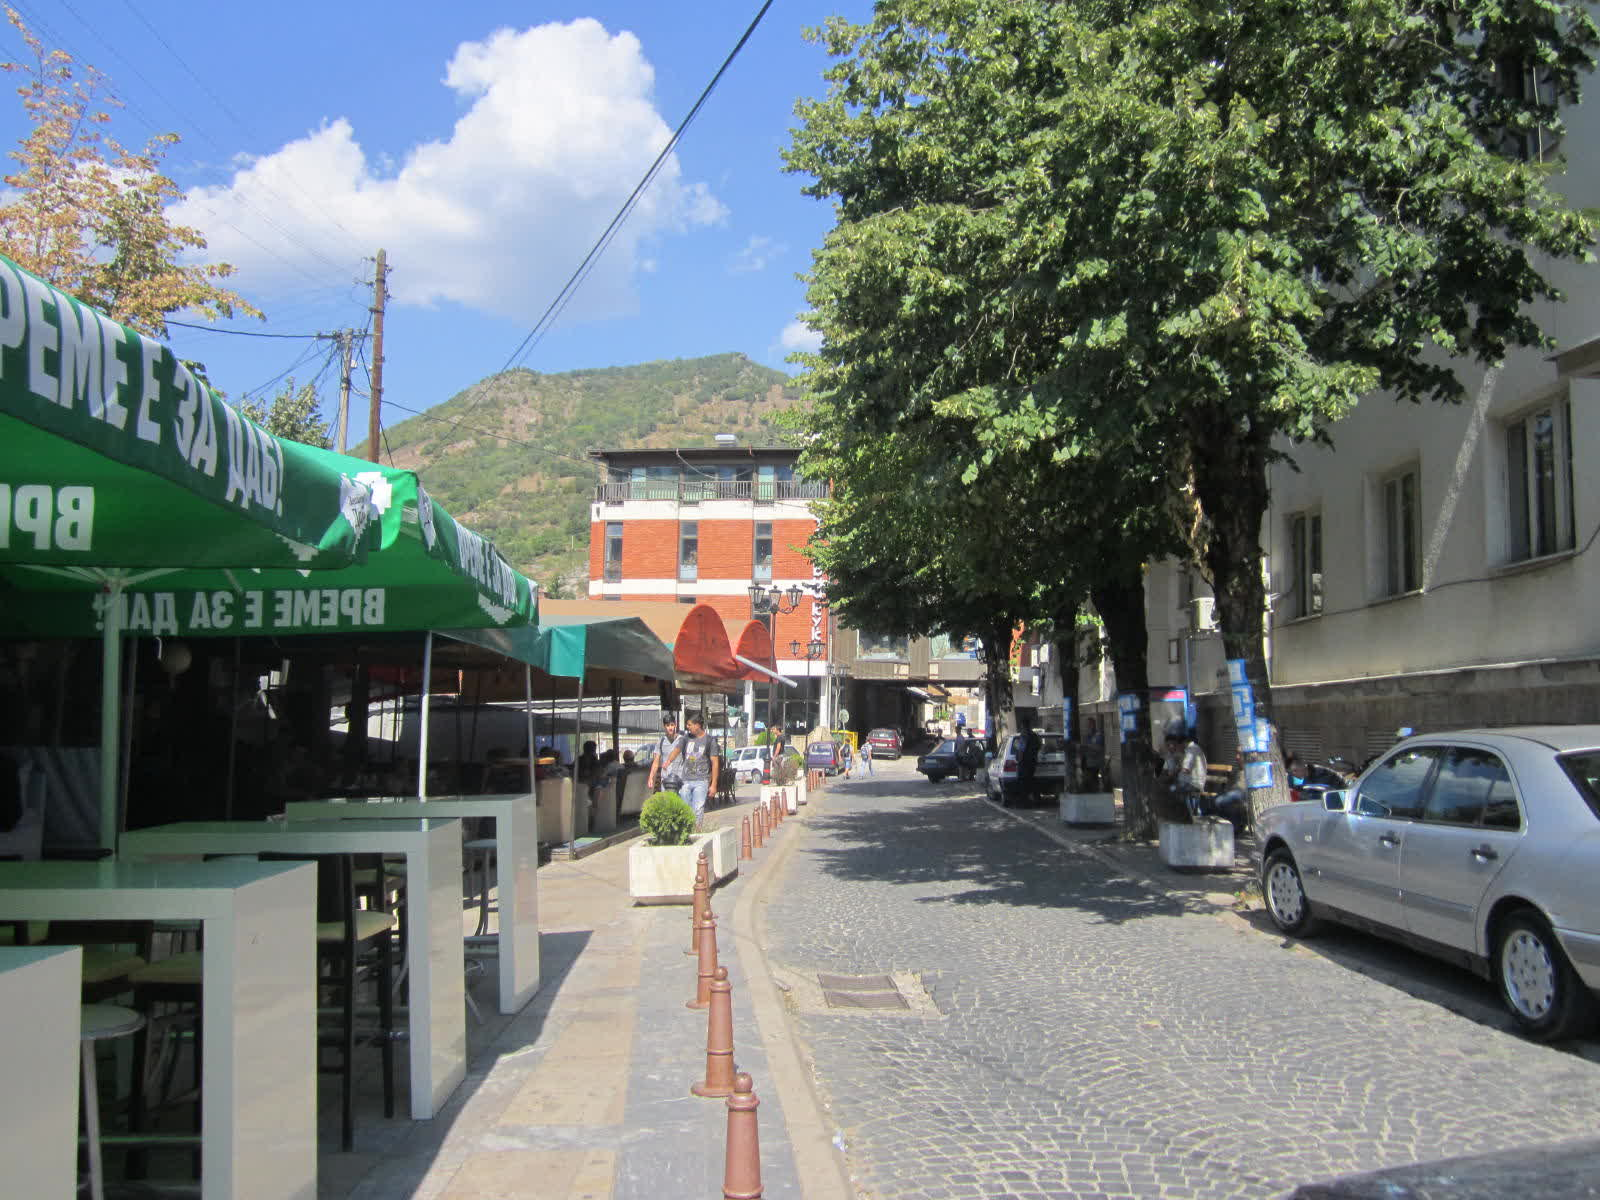 Младите од Кратово се иселуваат, им недостасува парк, кино, театар